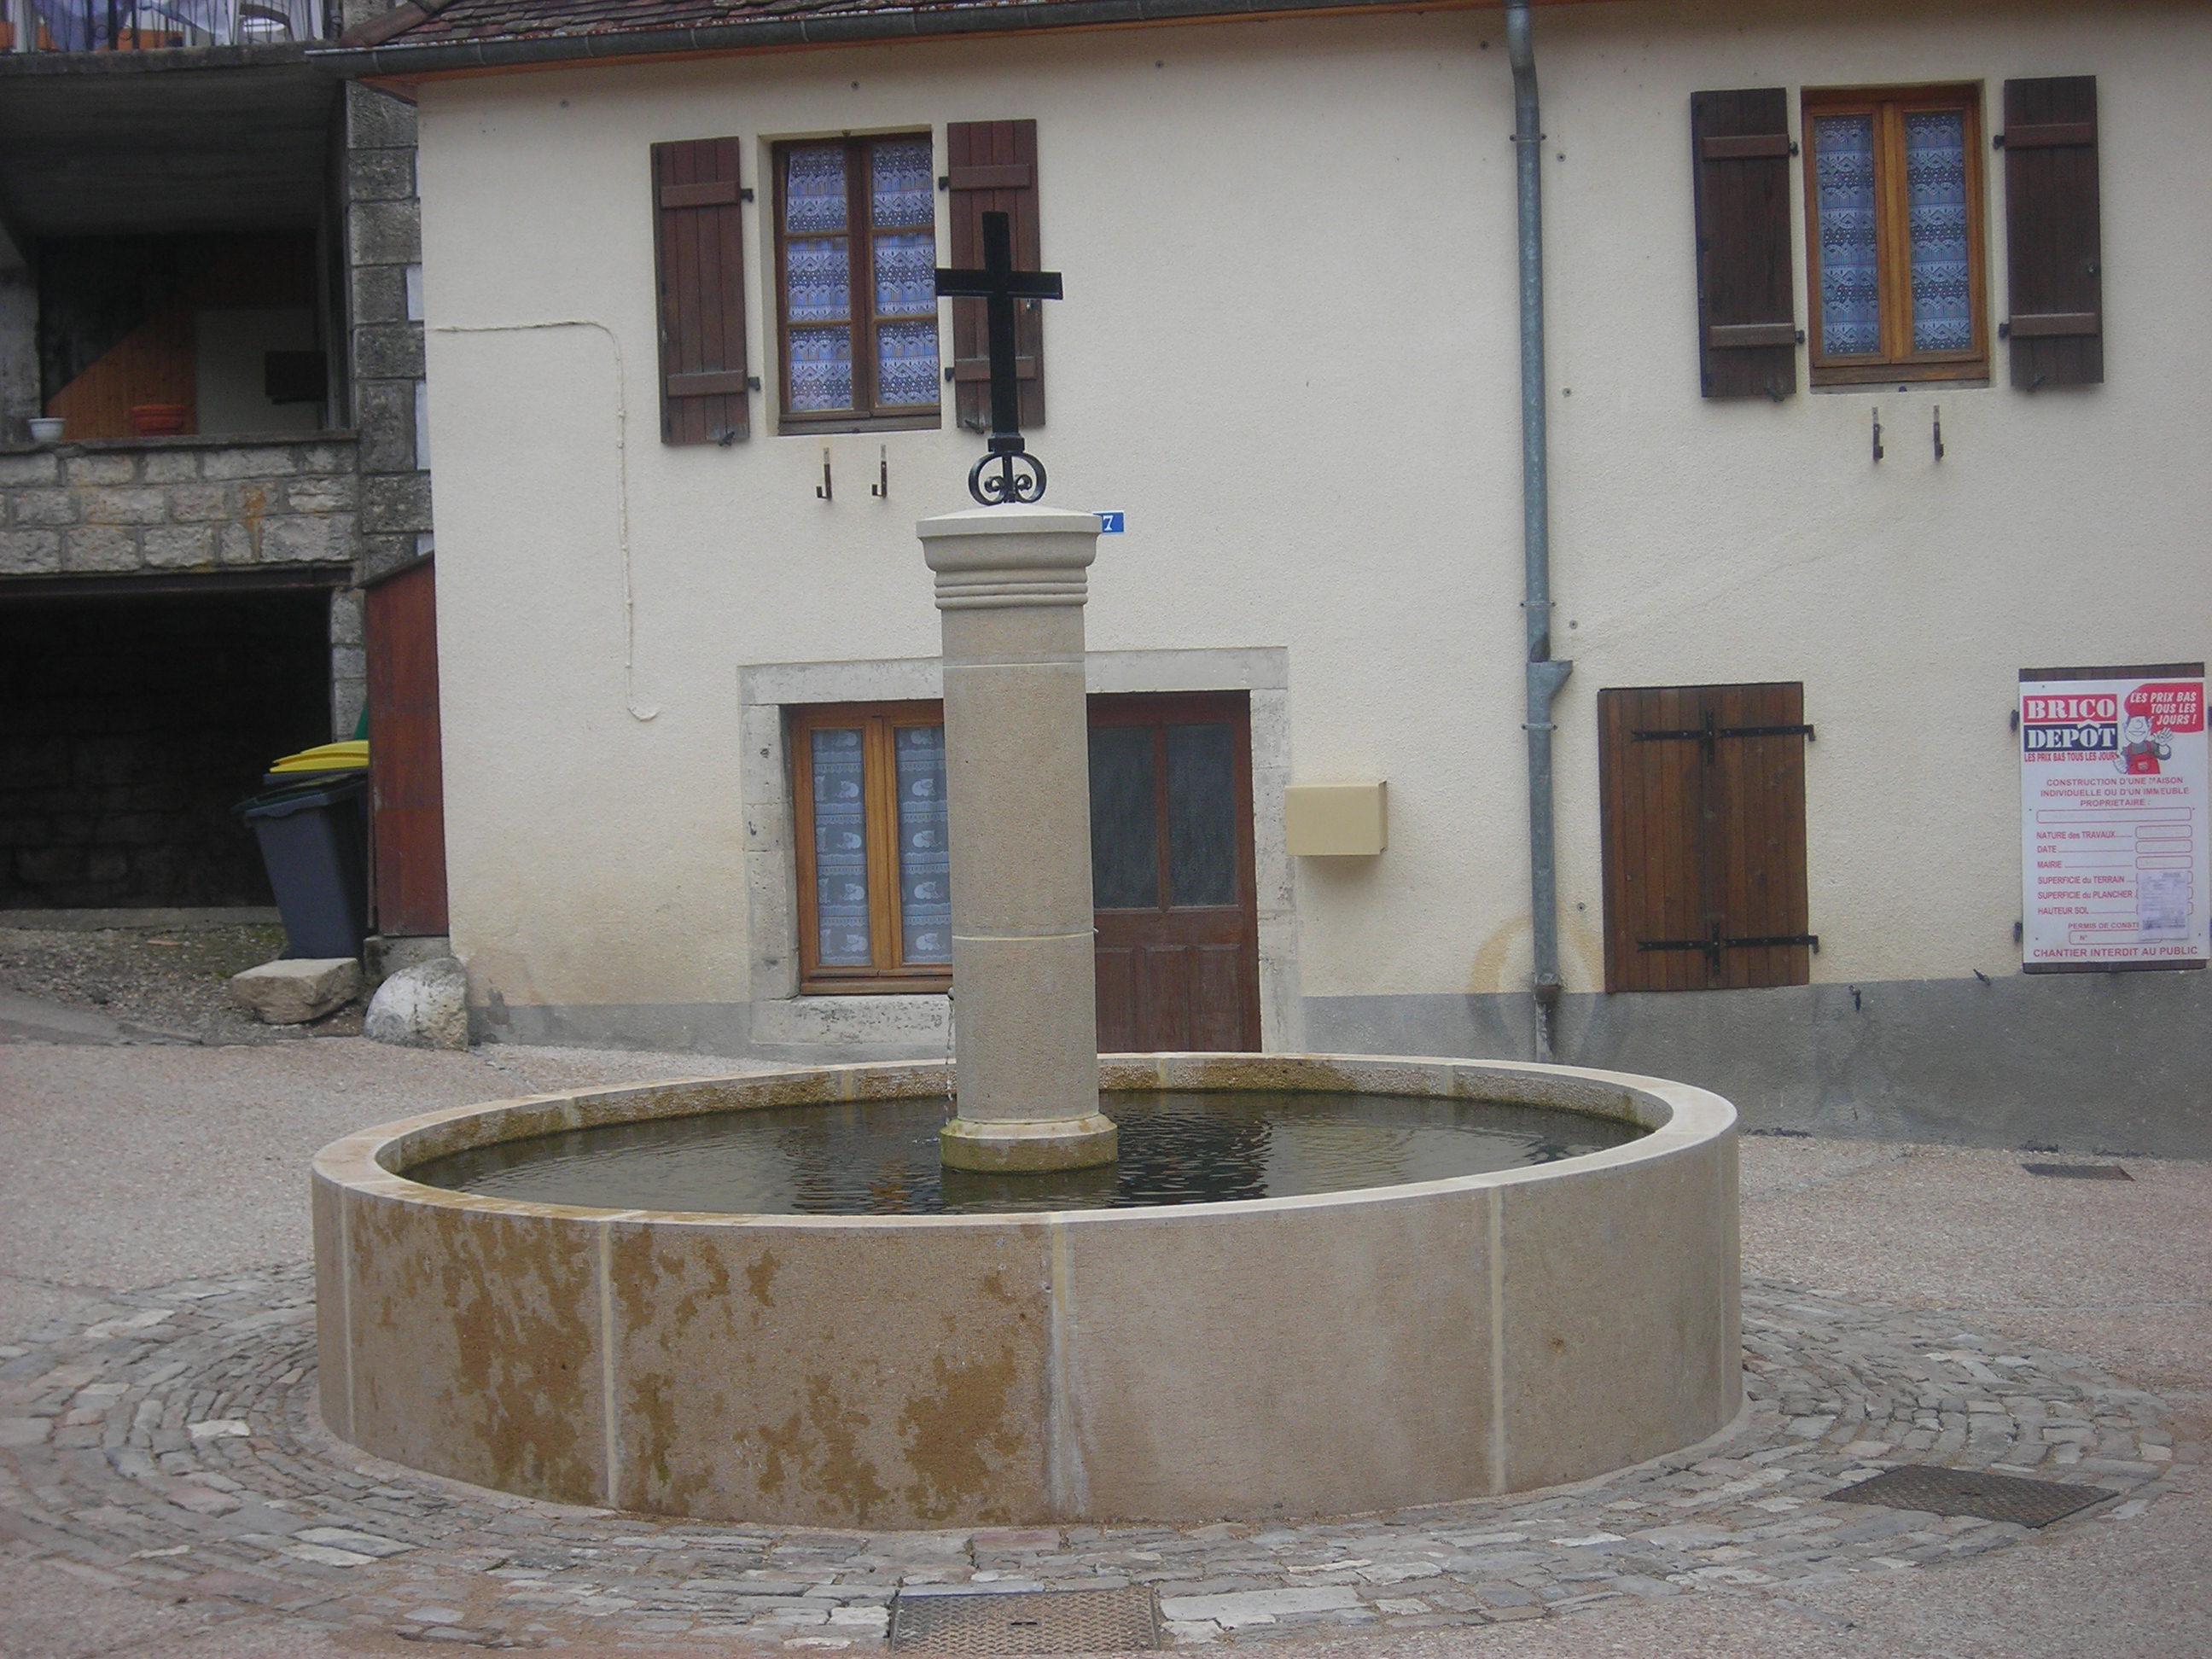 fontaine-en-2006-photo-6